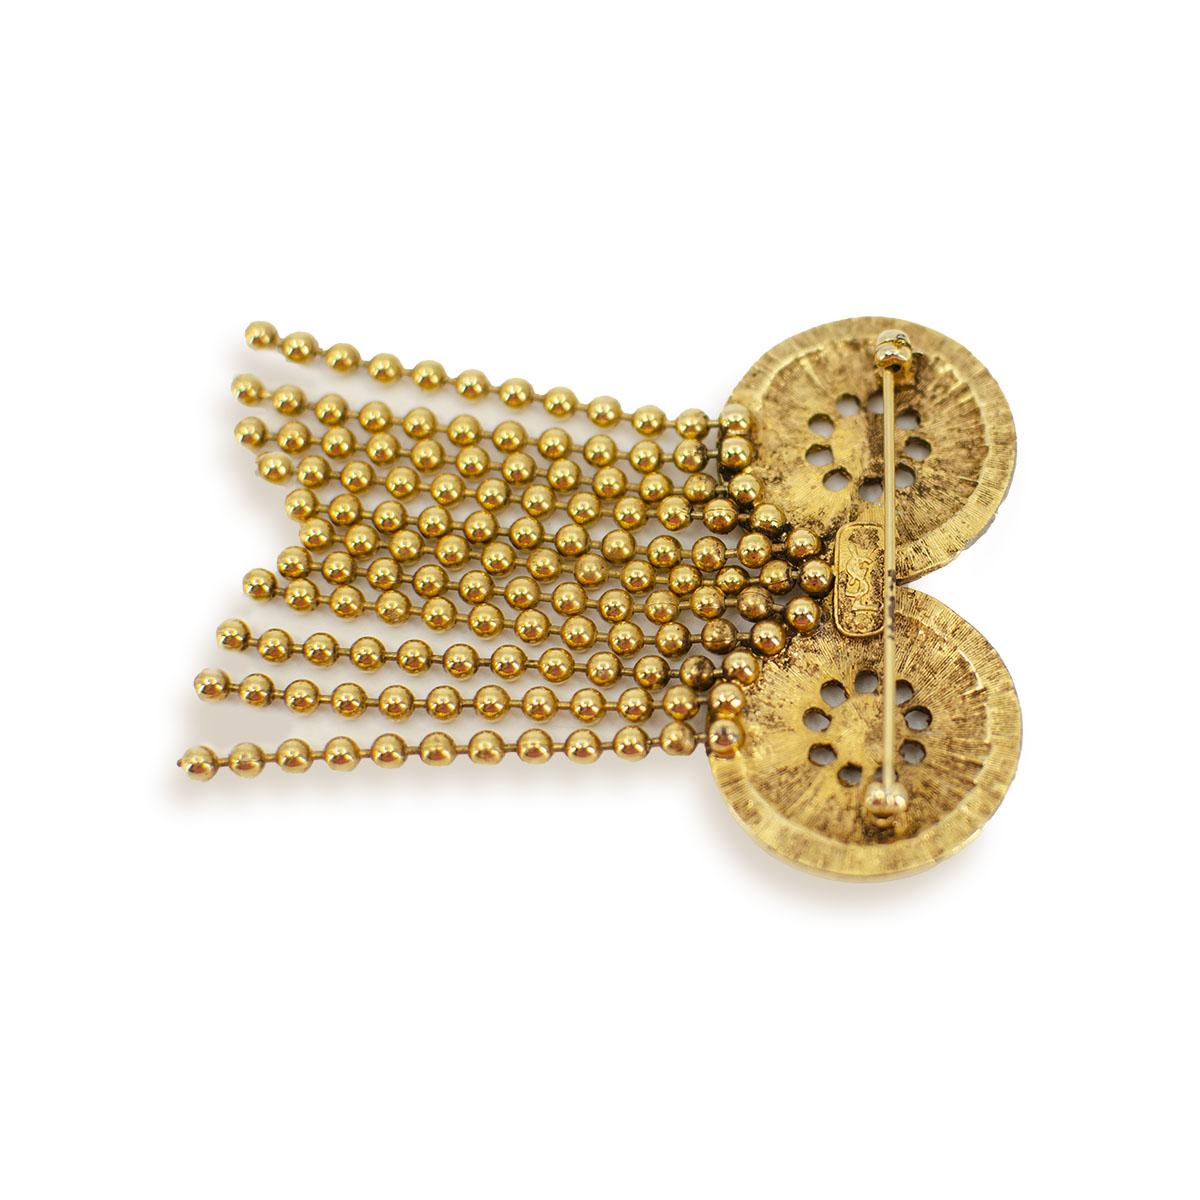 YSL gold brooch